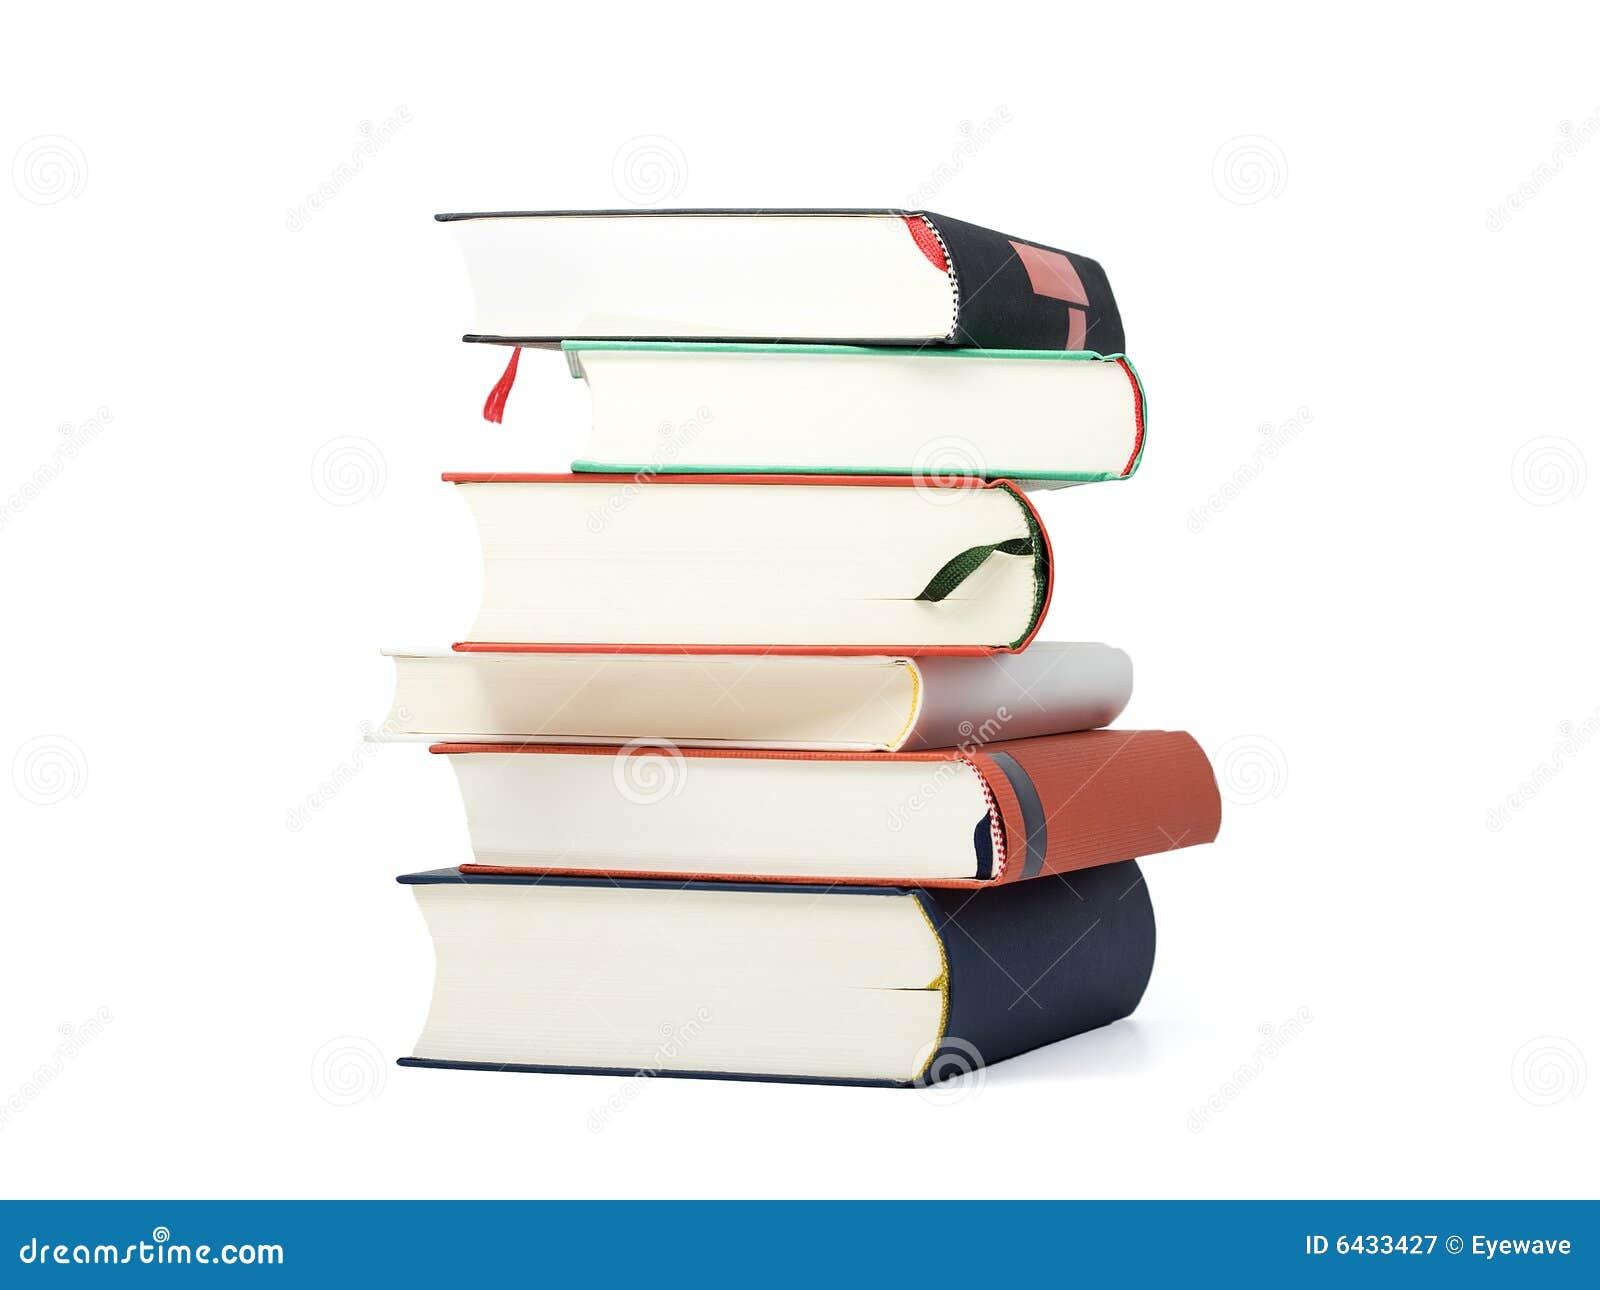 Stapel von sechs leeren Büchern